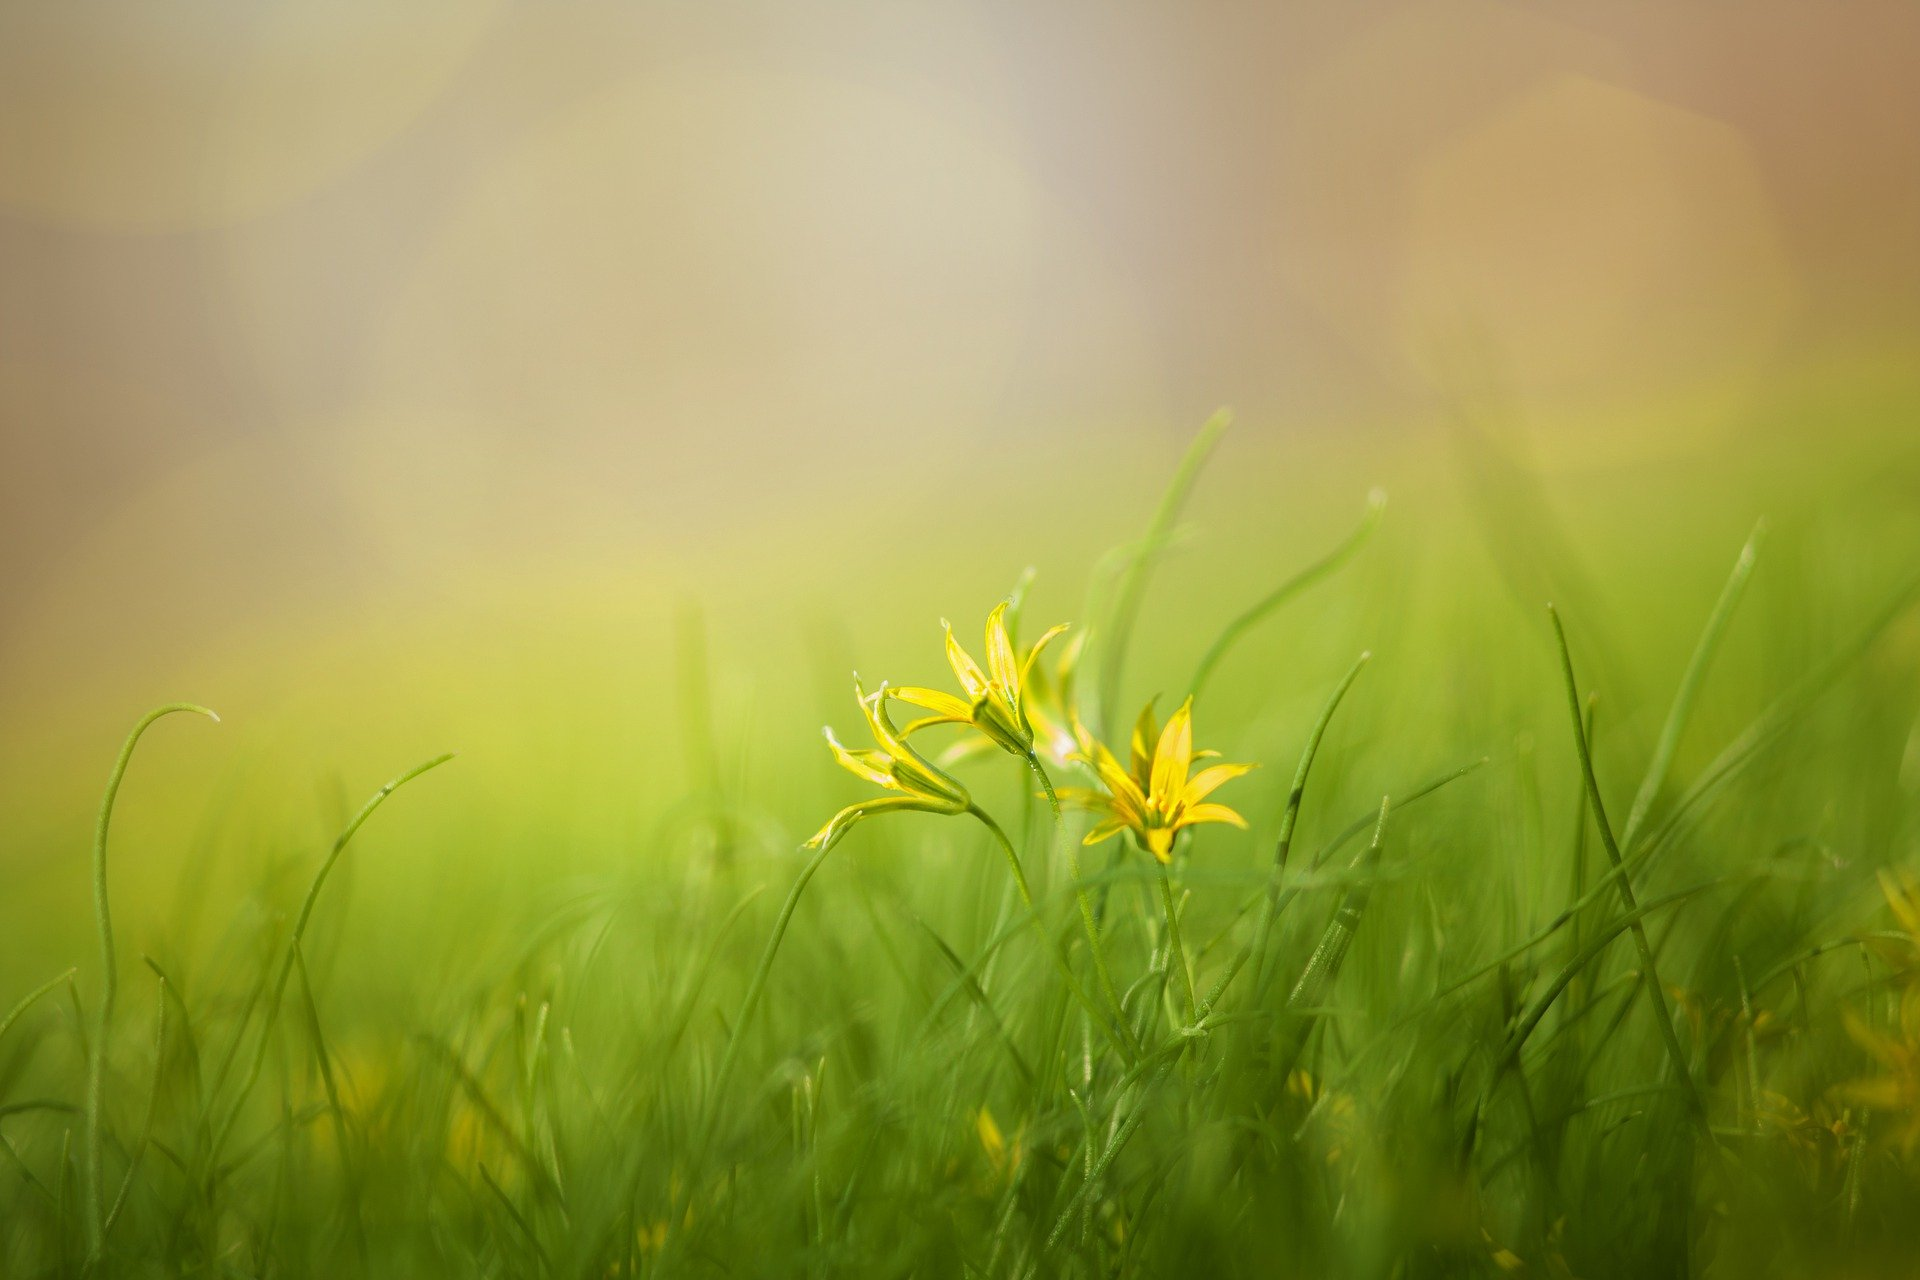 grass-3085457_1920